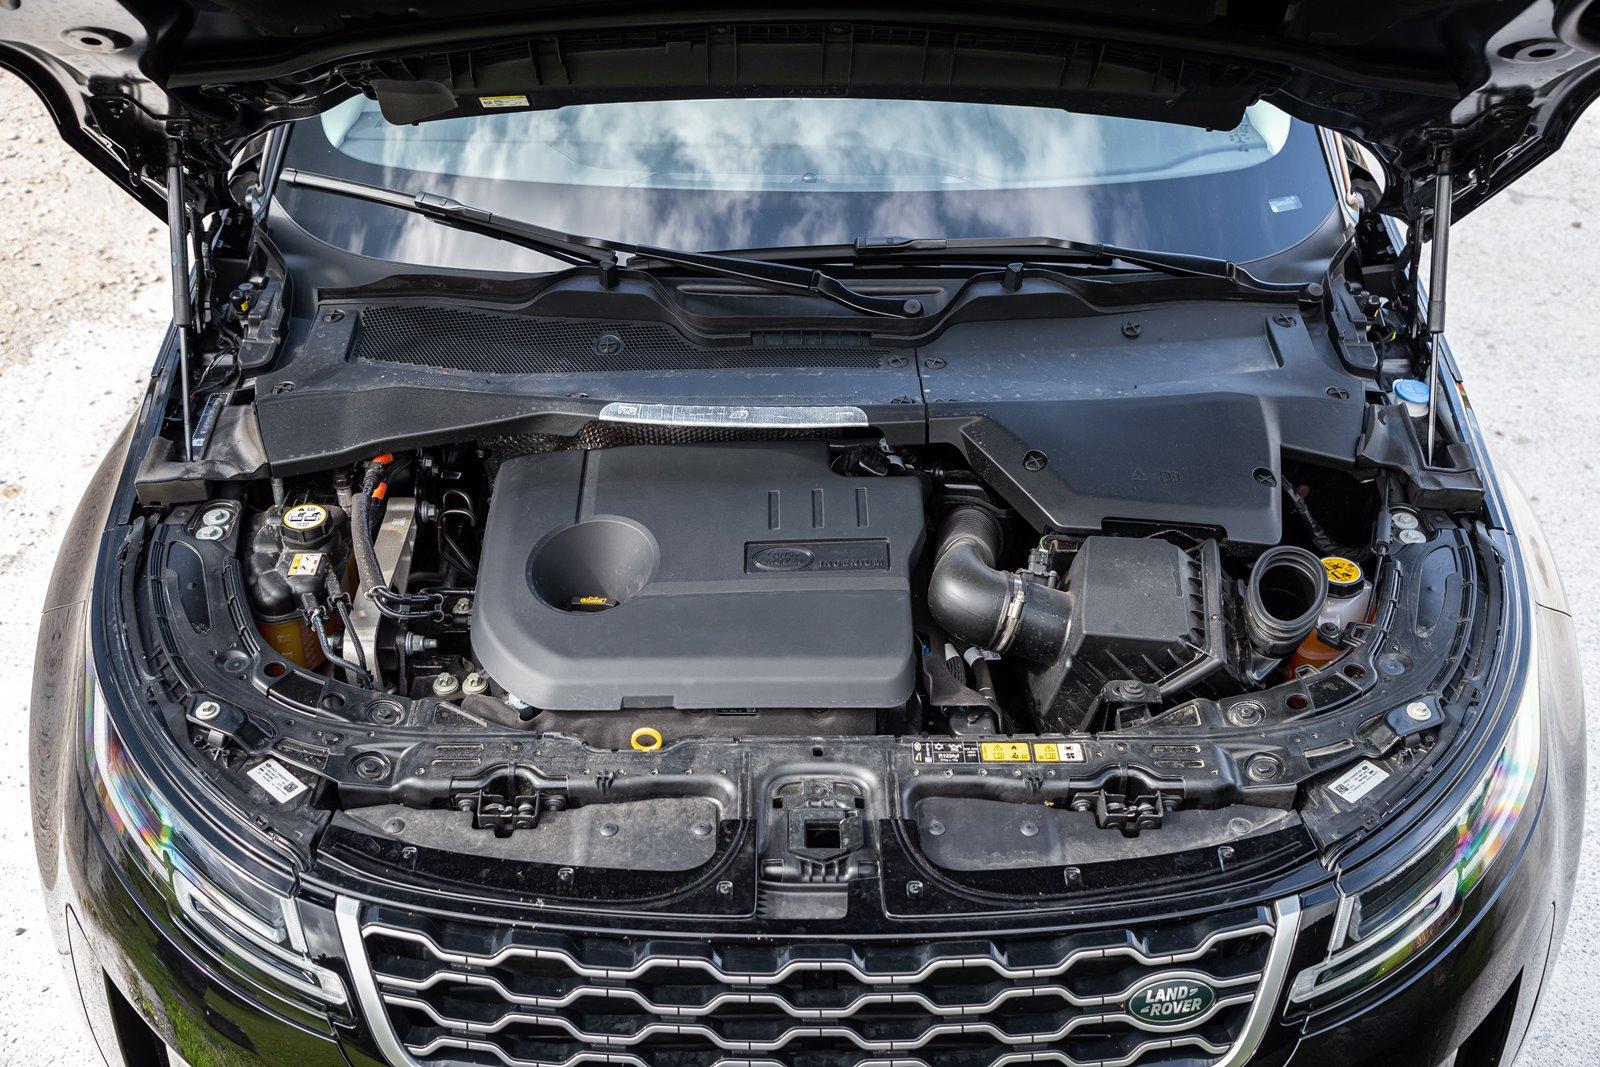 Motor Land Rover Range Rover Evoque P300e